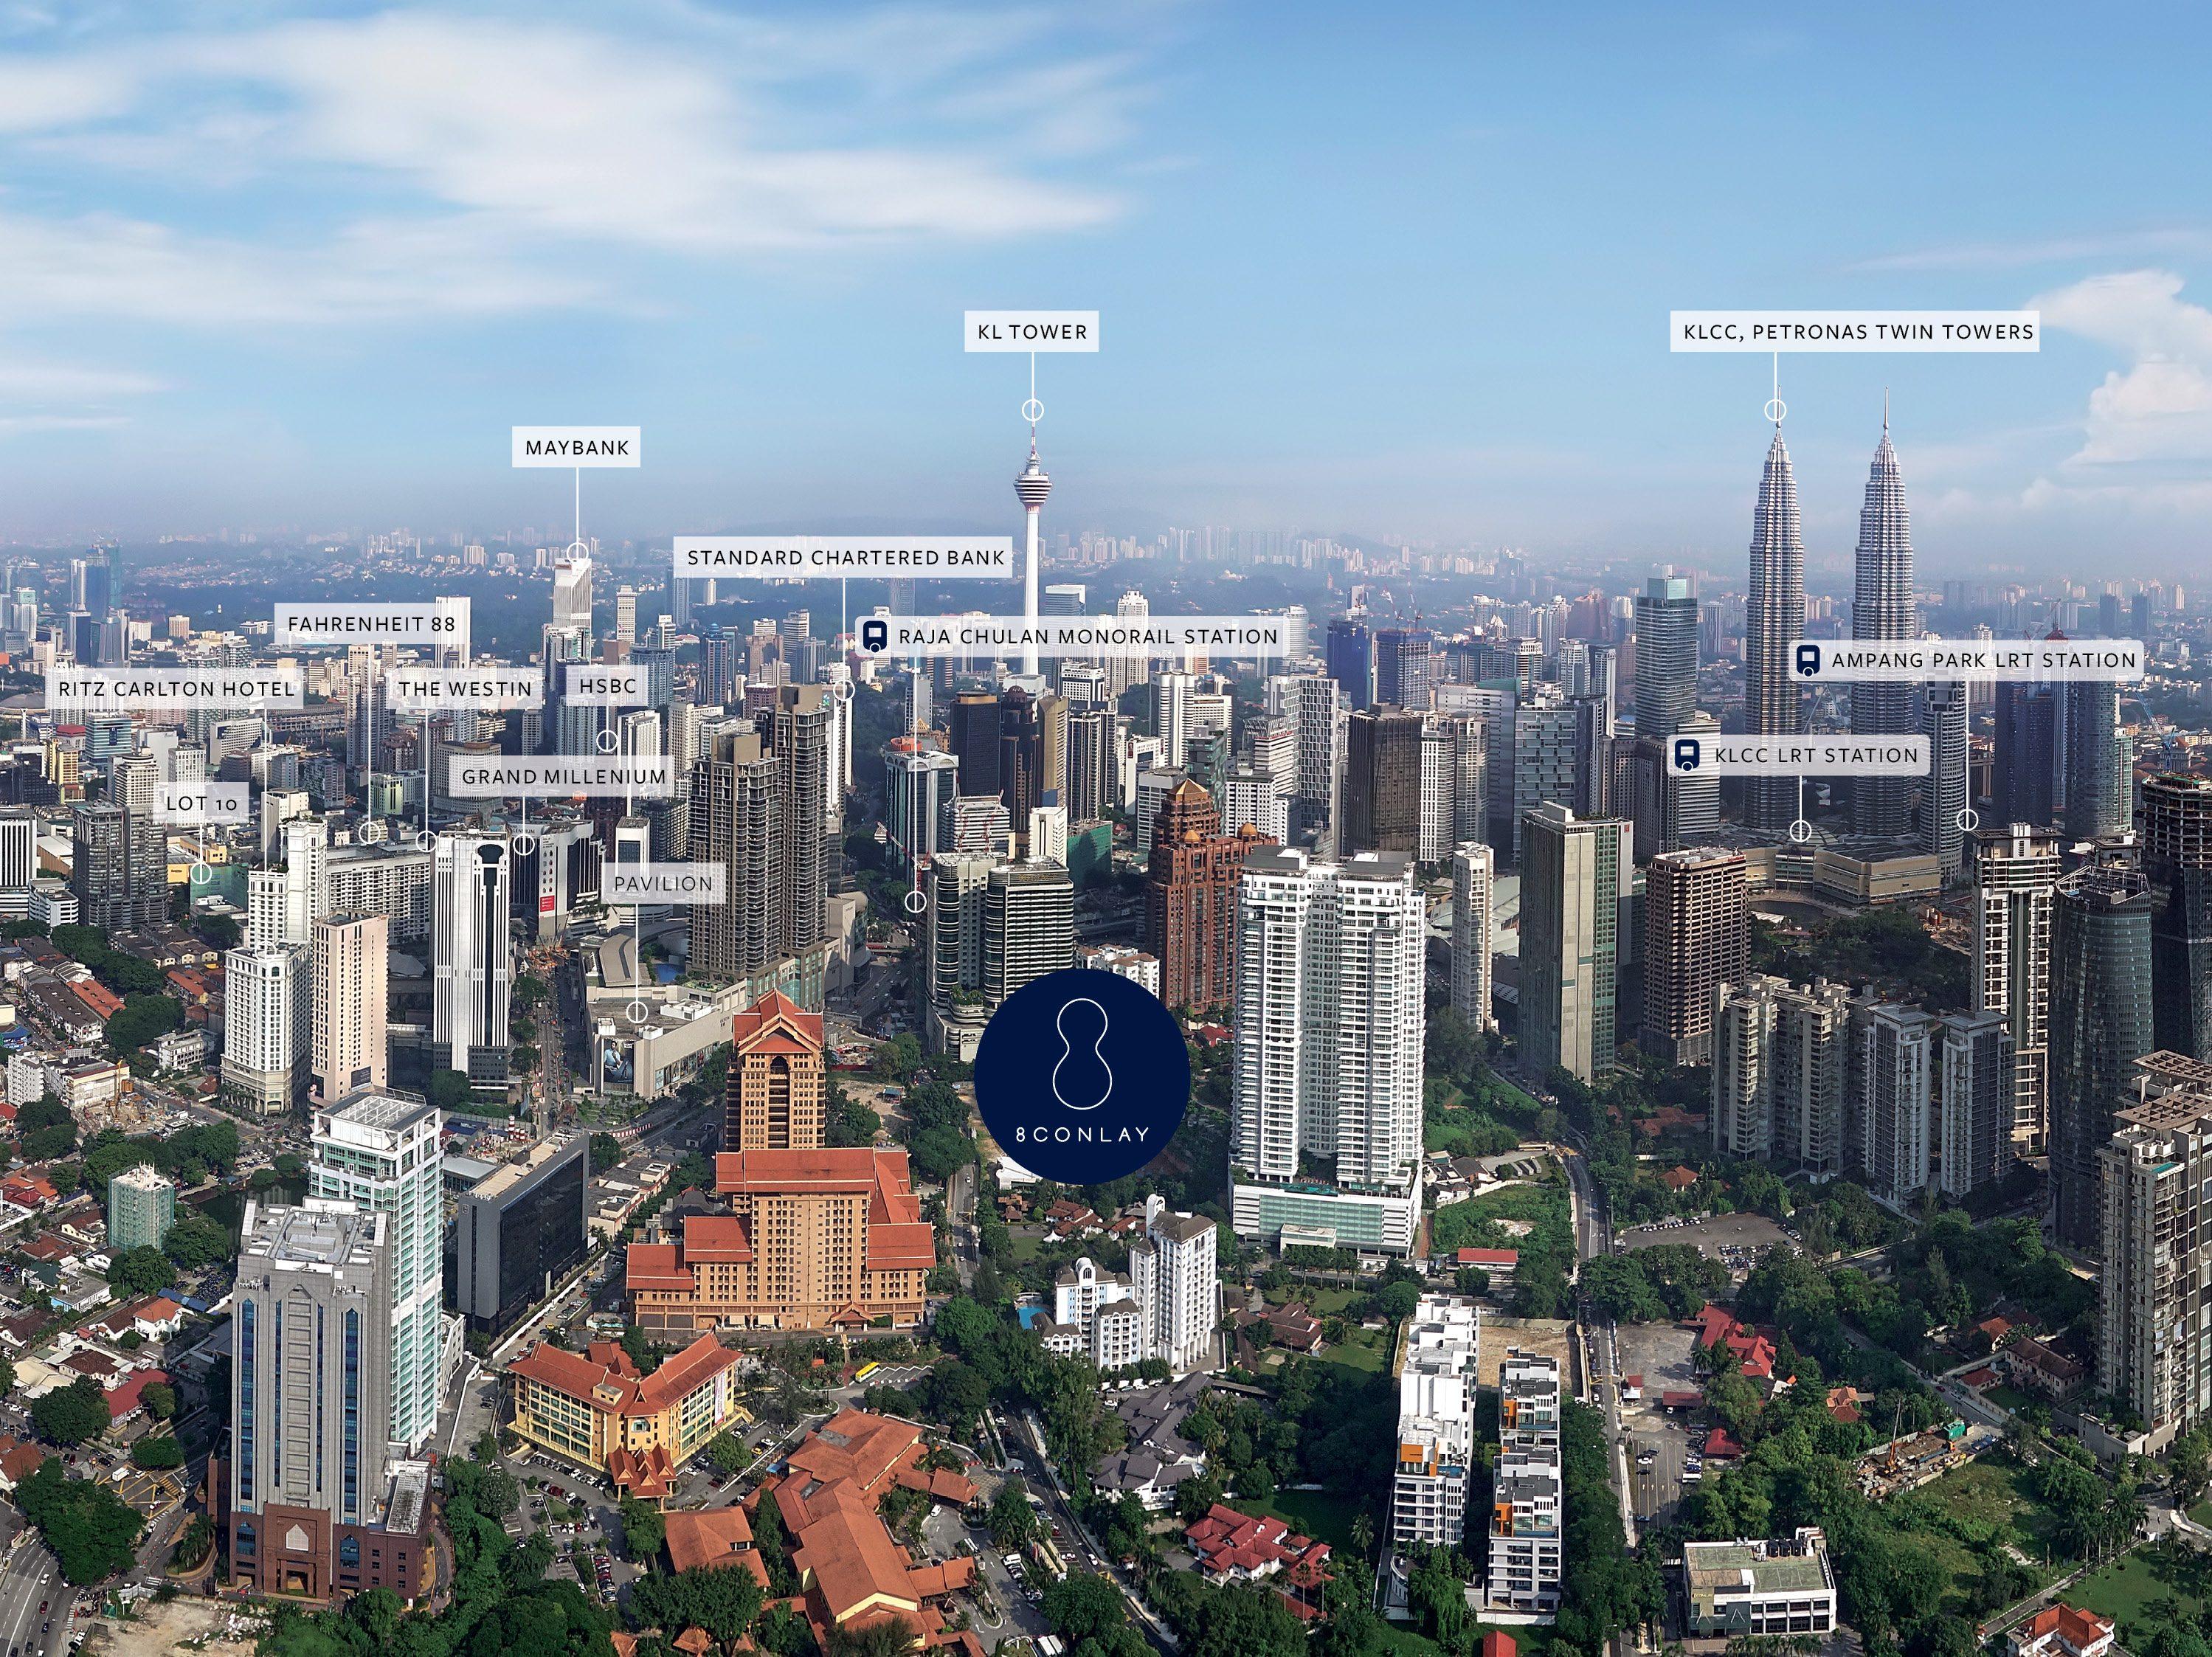 8 Conlay Panorama Map